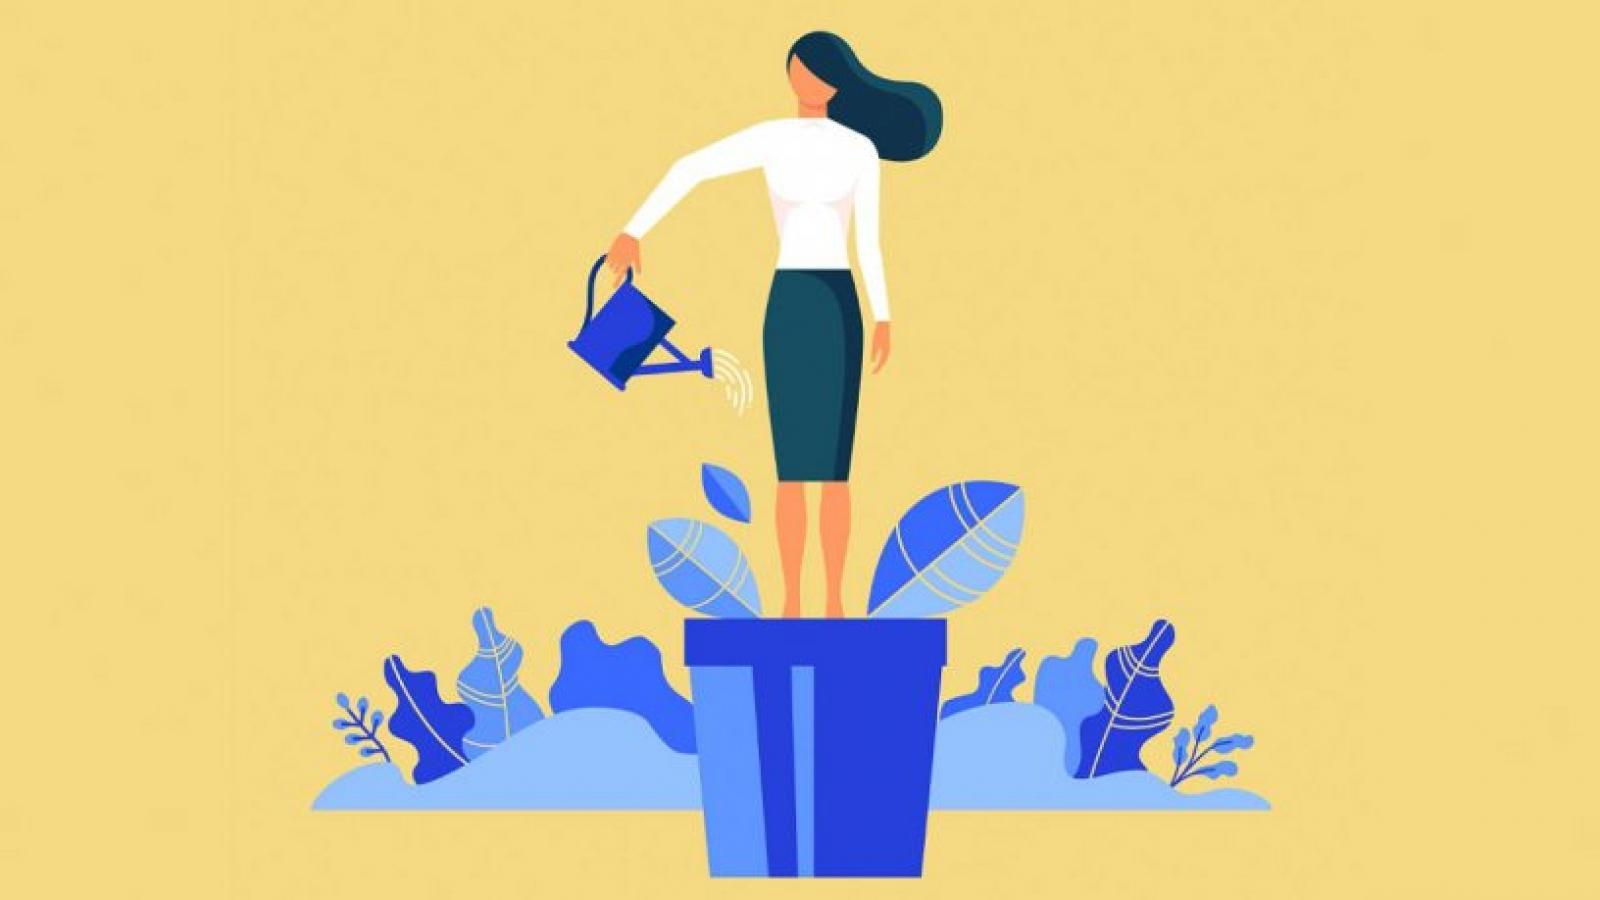 5 thói quen tốt giúp bạn phát triển bản thân